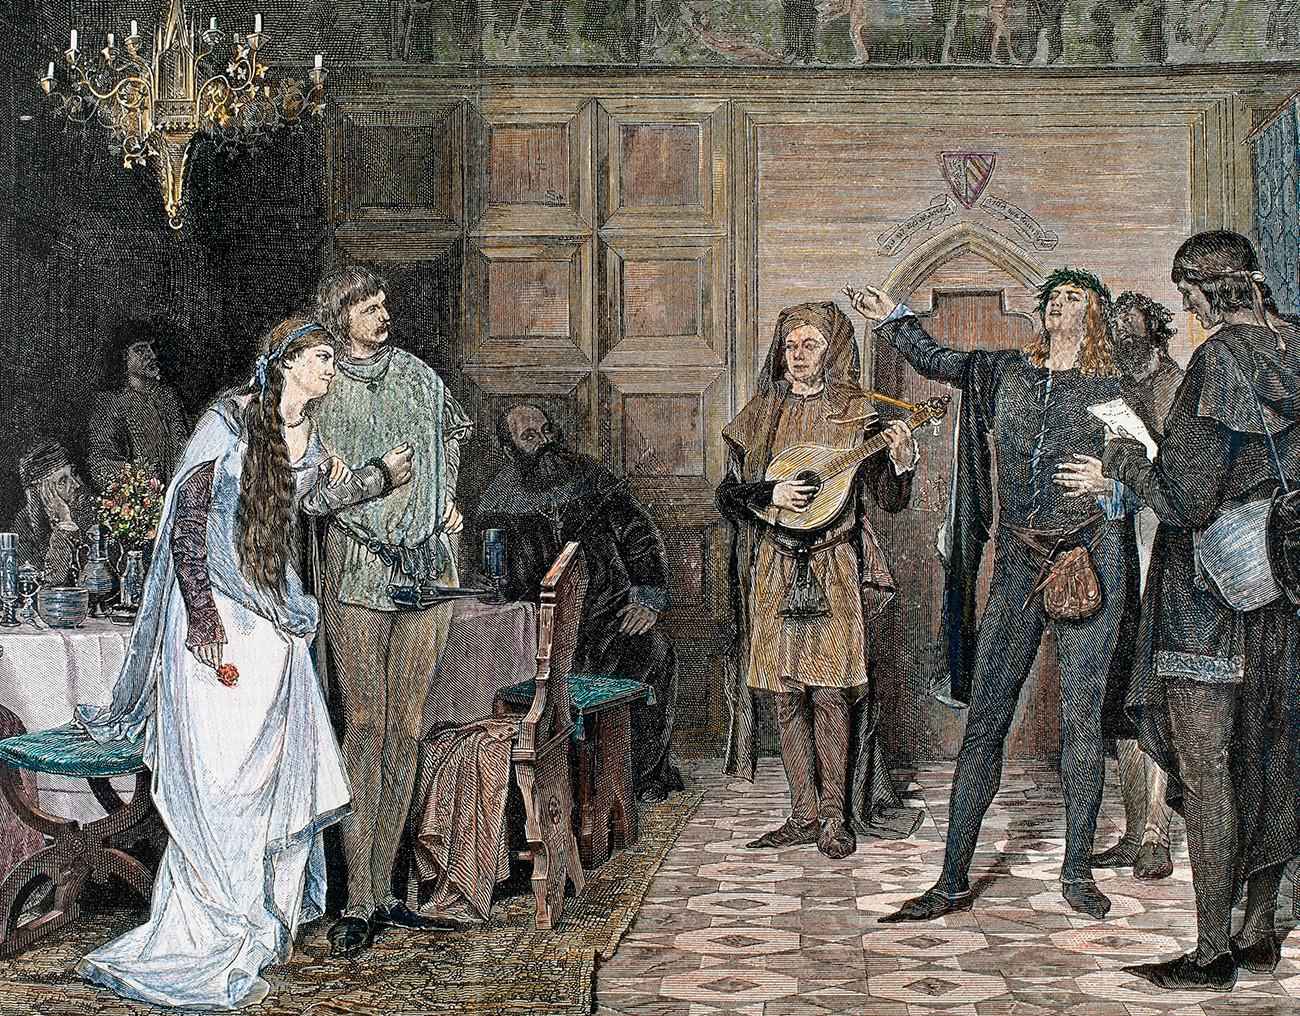 「オック語で歌う吟遊詩人」12〜13世紀。一見すると、ロシアのスコモローフは、ヨーロッパの吟遊詩人に似ている。